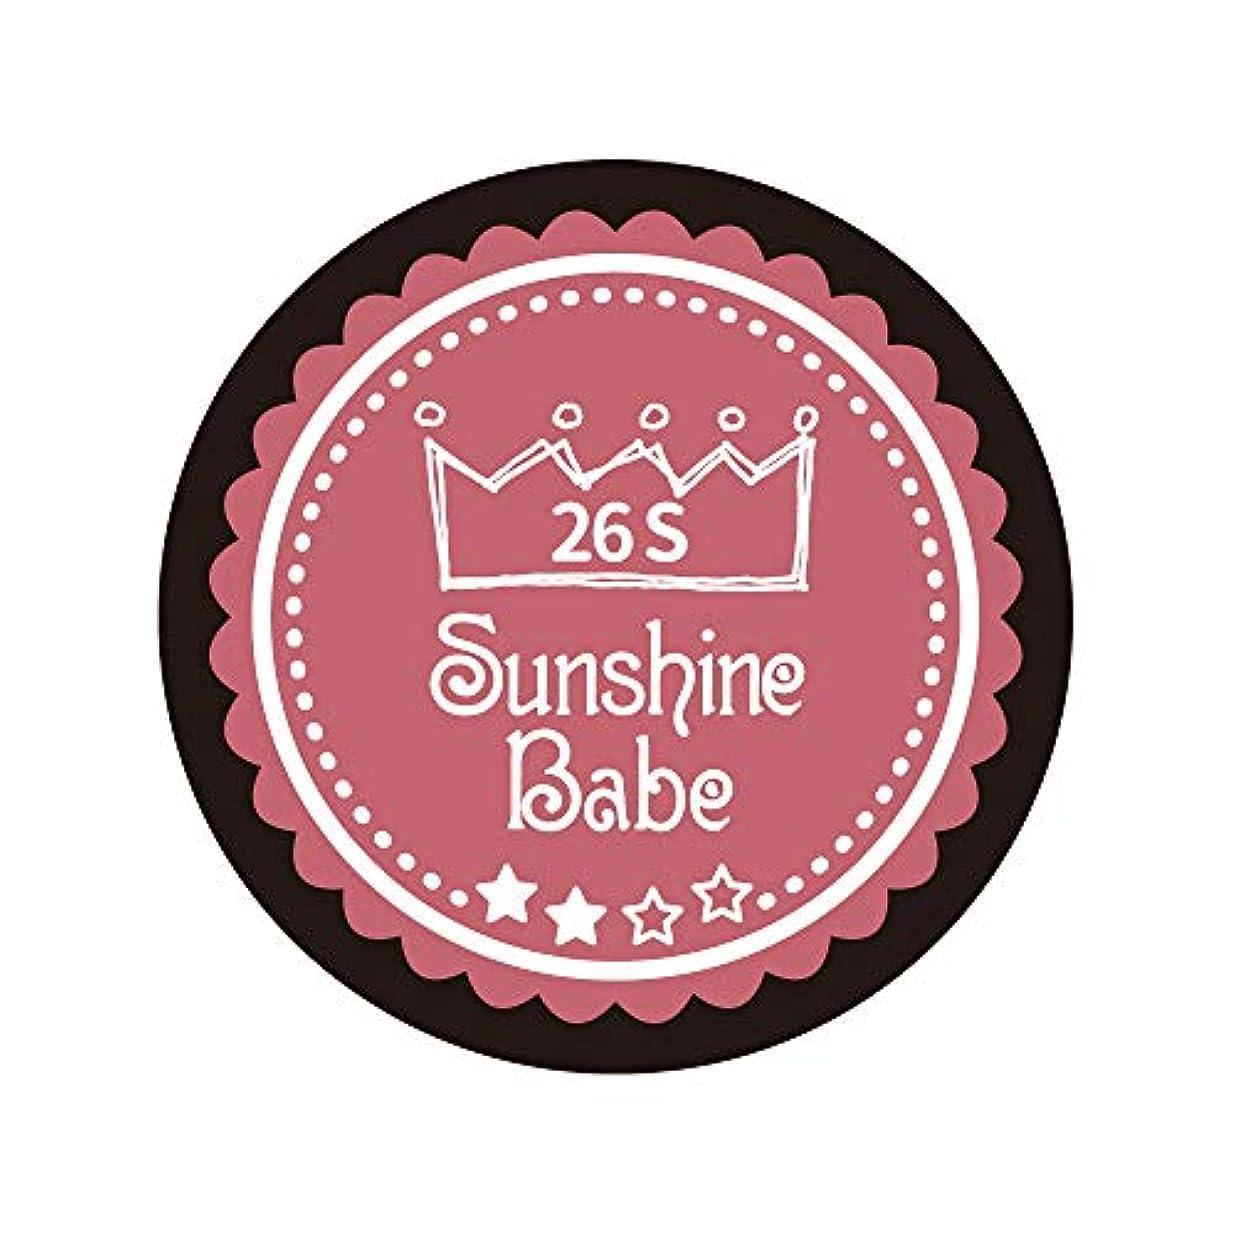 デザイナー重量その後Sunshine Babe カラージェル 26S ダスティローズ 2.7g UV/LED対応